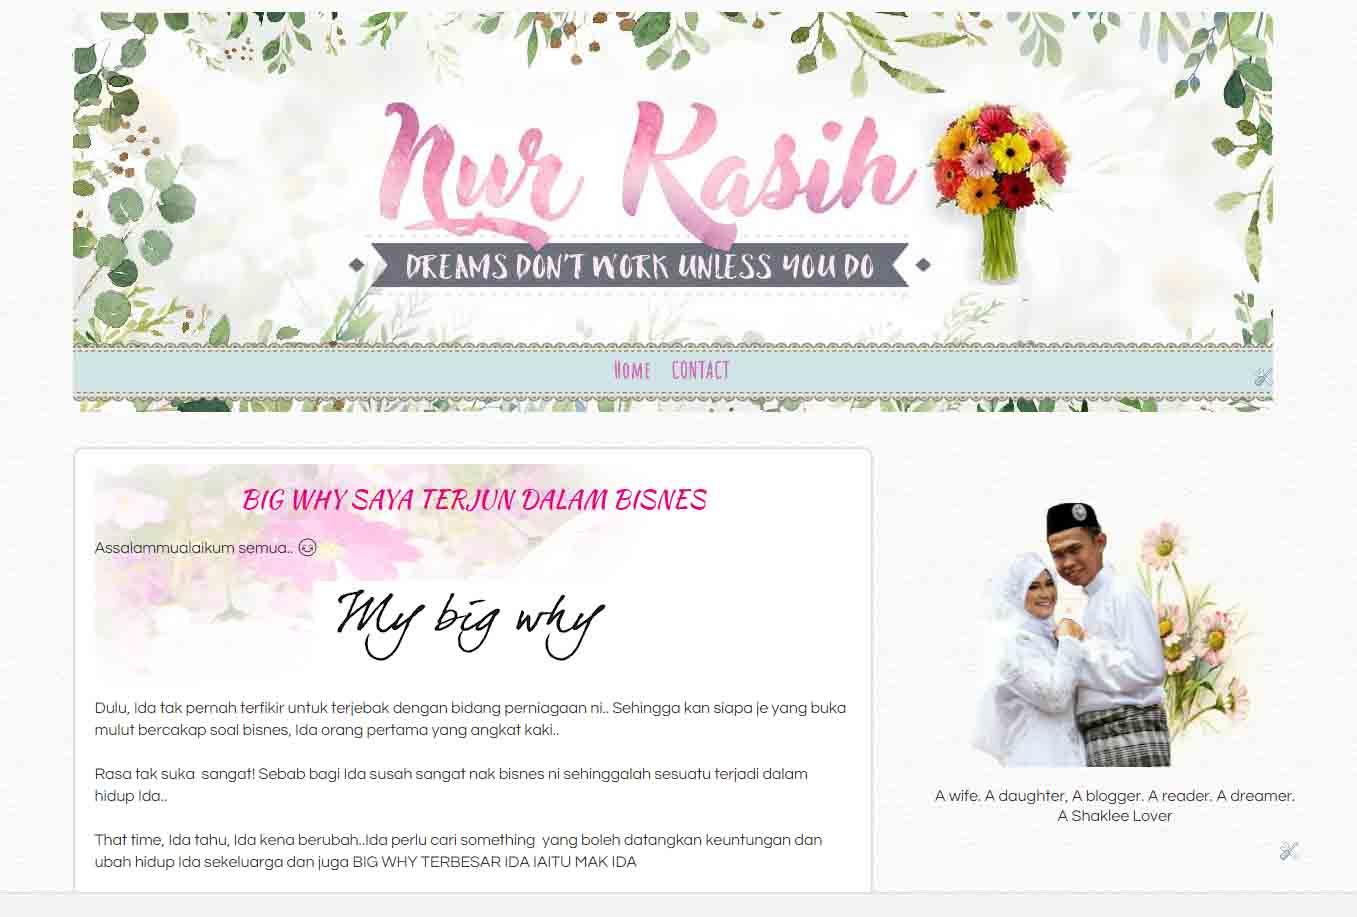 Nur Kasih Blog